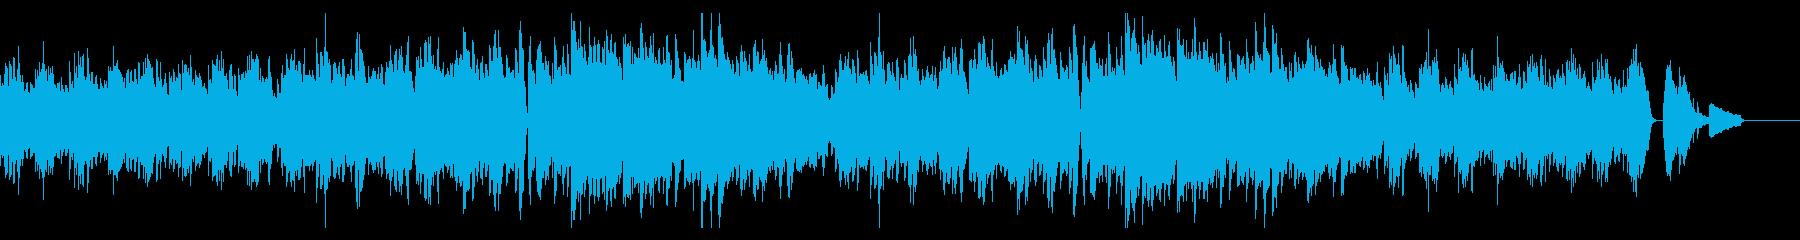 秋の童謡「もみじ」のオリジナルアレンジの再生済みの波形